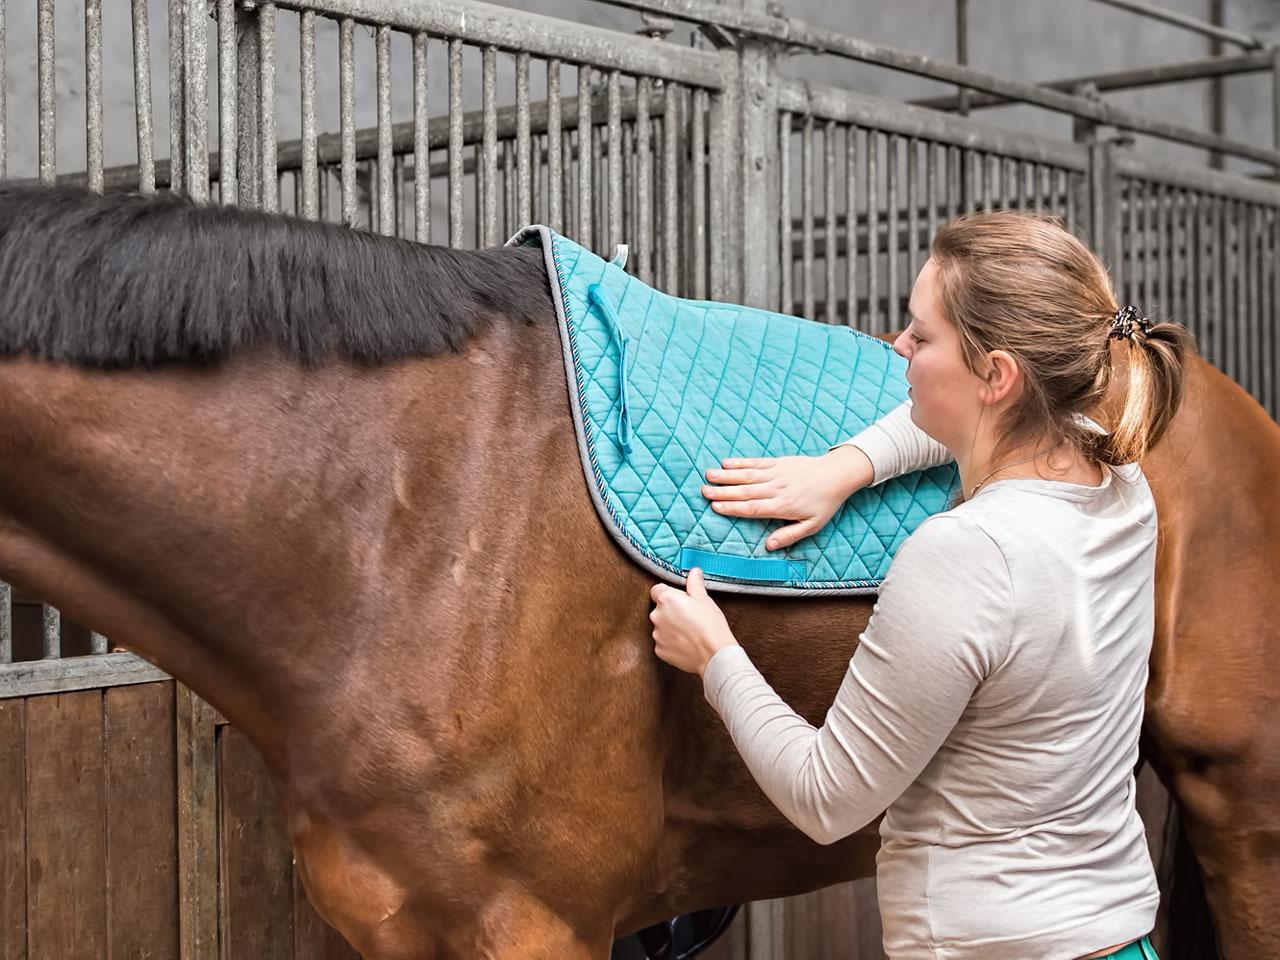 Schabracke wird auf <a href='https://www.tieranzeigen.com/pferde/' title='Kleinanzeigen: Pferd kaufen & verkaufen' class='link_xl'>Pferd</a> gelegt